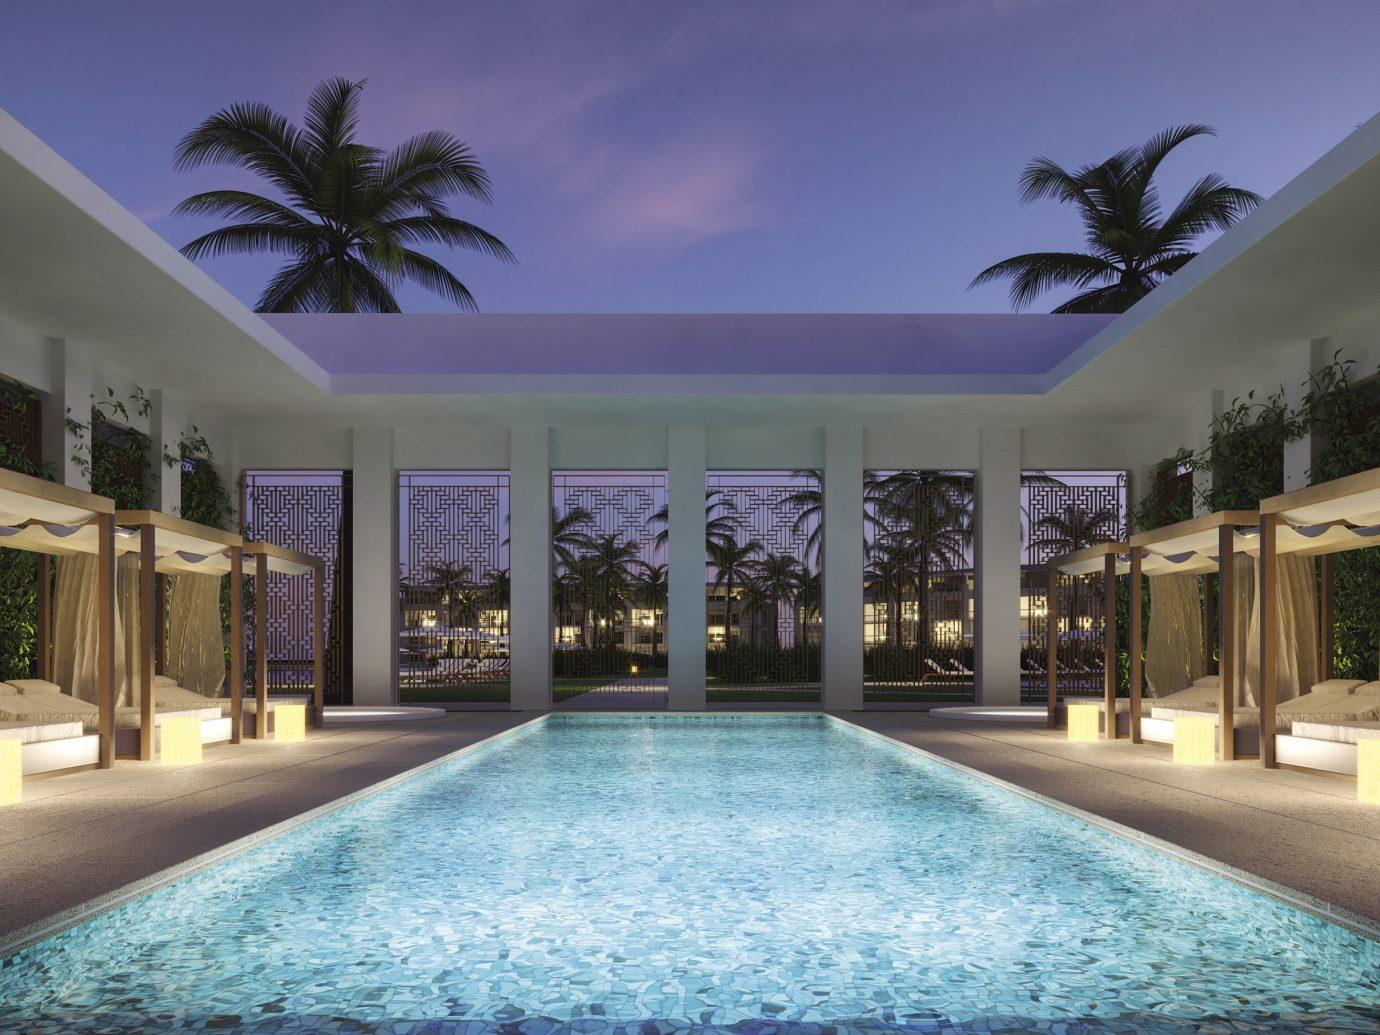 The Grand Reserve at Paradisus Palma Real pool